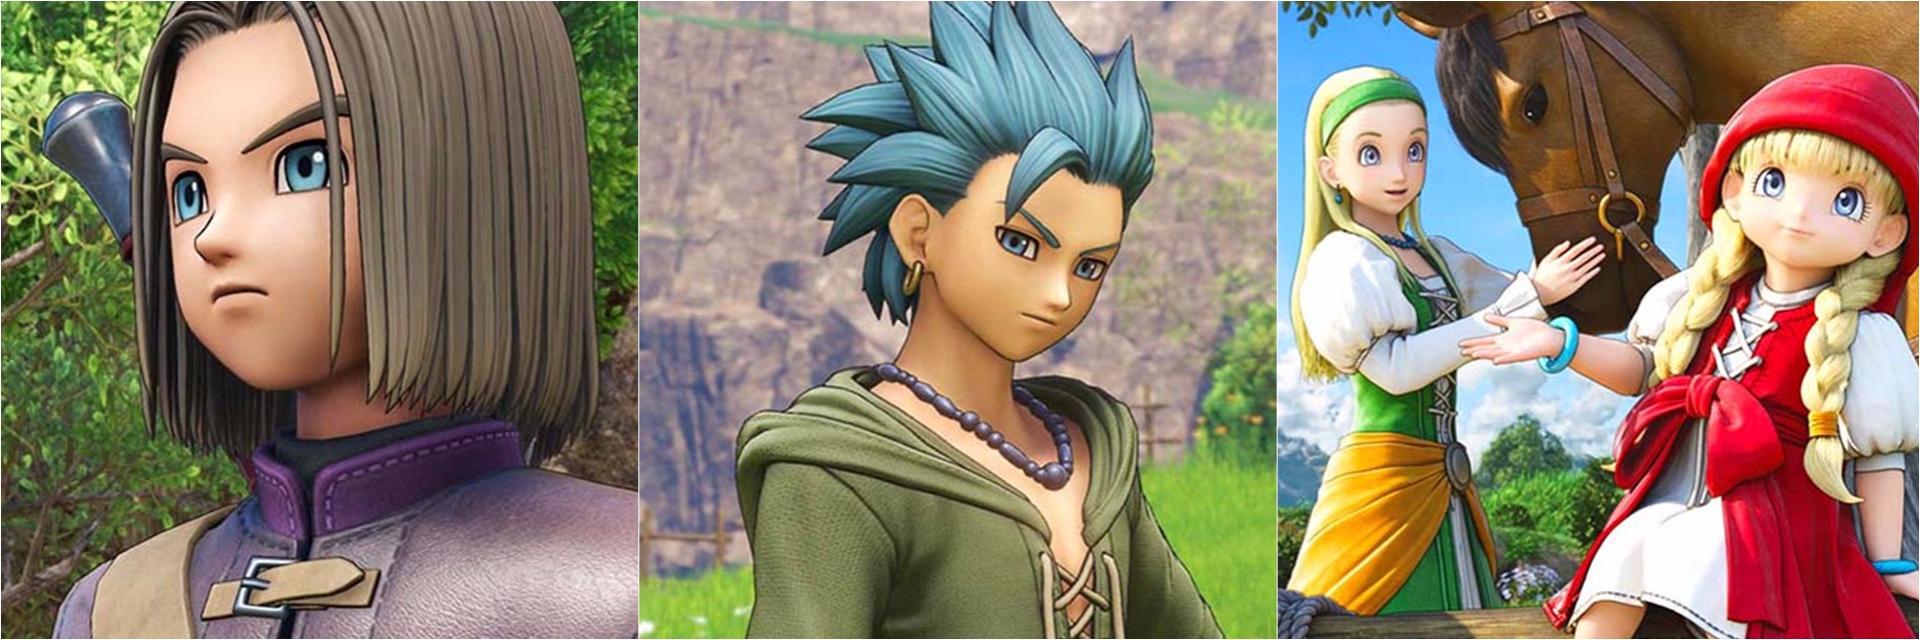 沒親身體驗你敢說玩過 RPG?這是日本人心目中,唯一超越《Final Fantasy》系列的經典大作!